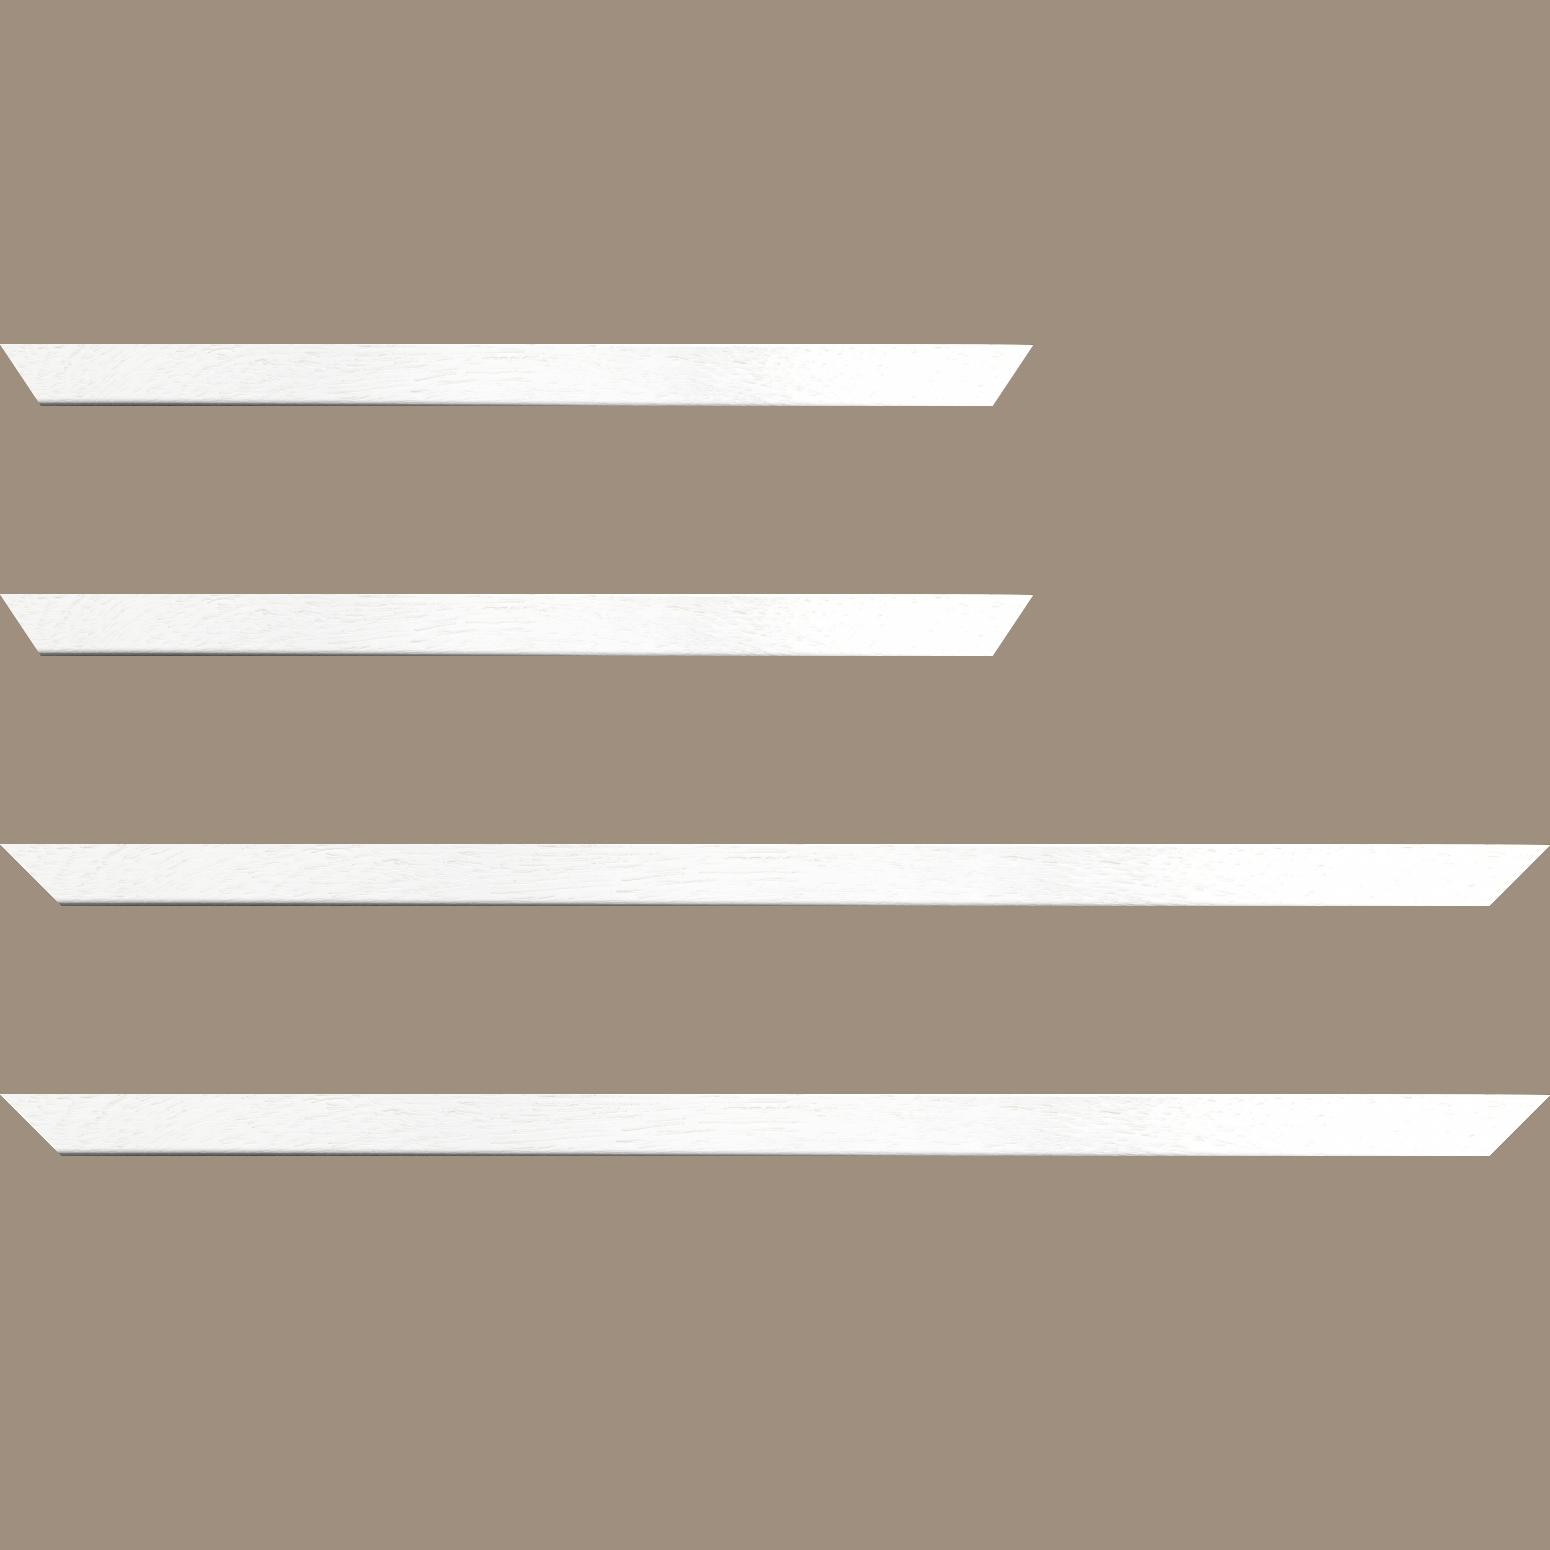 Baguette service précoupé Bois profil plat largeur 2cm hauteur 3.3cm couleur blanc satiné (aussi appelé cache clou)